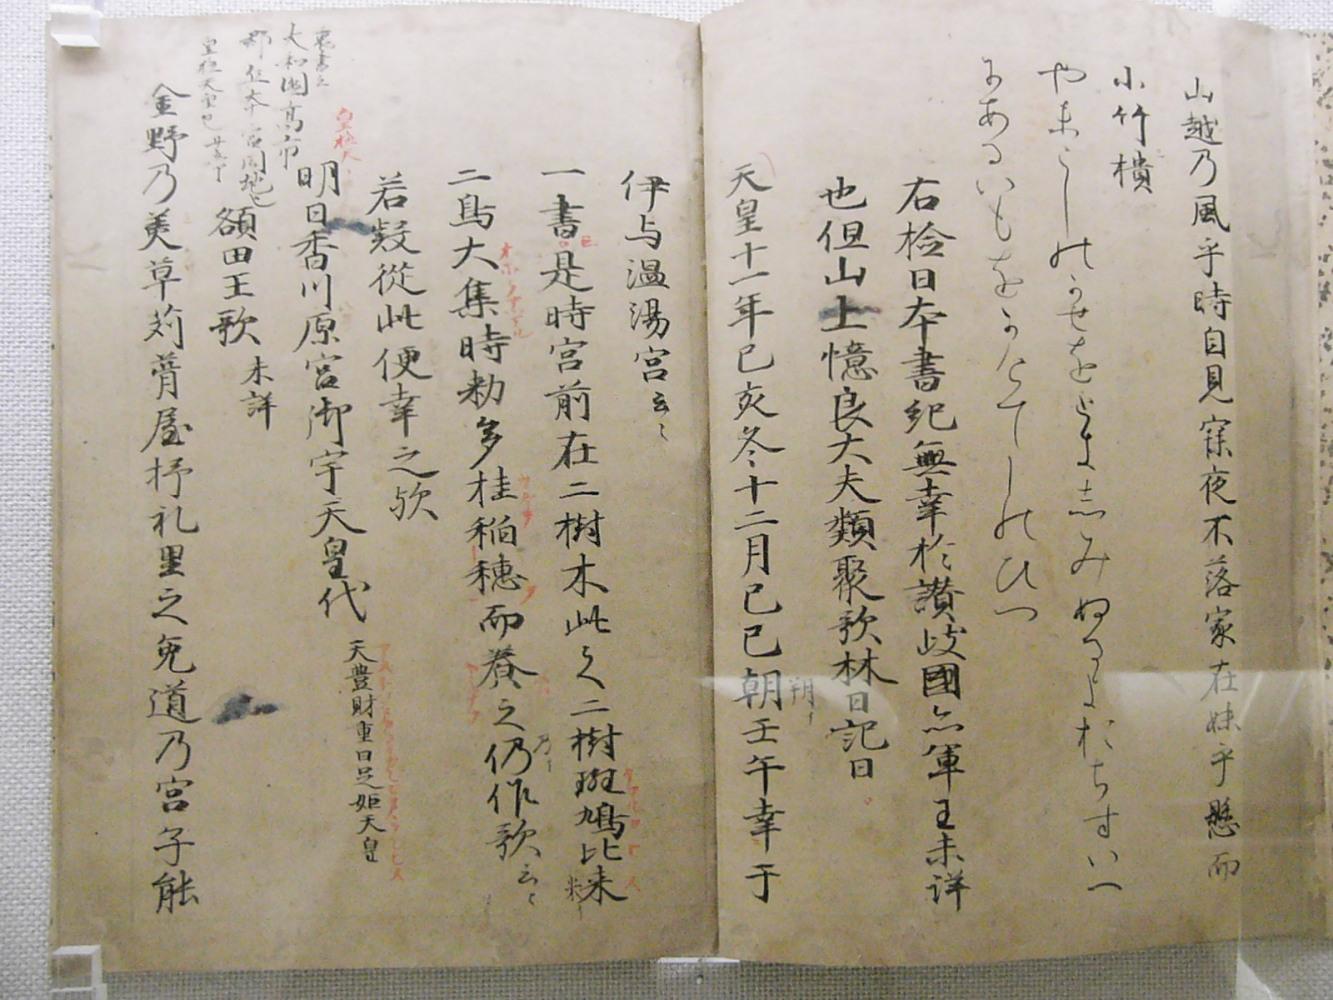 和歌の源流である元暦校本万葉集が展示されている様子(Wikipedia)